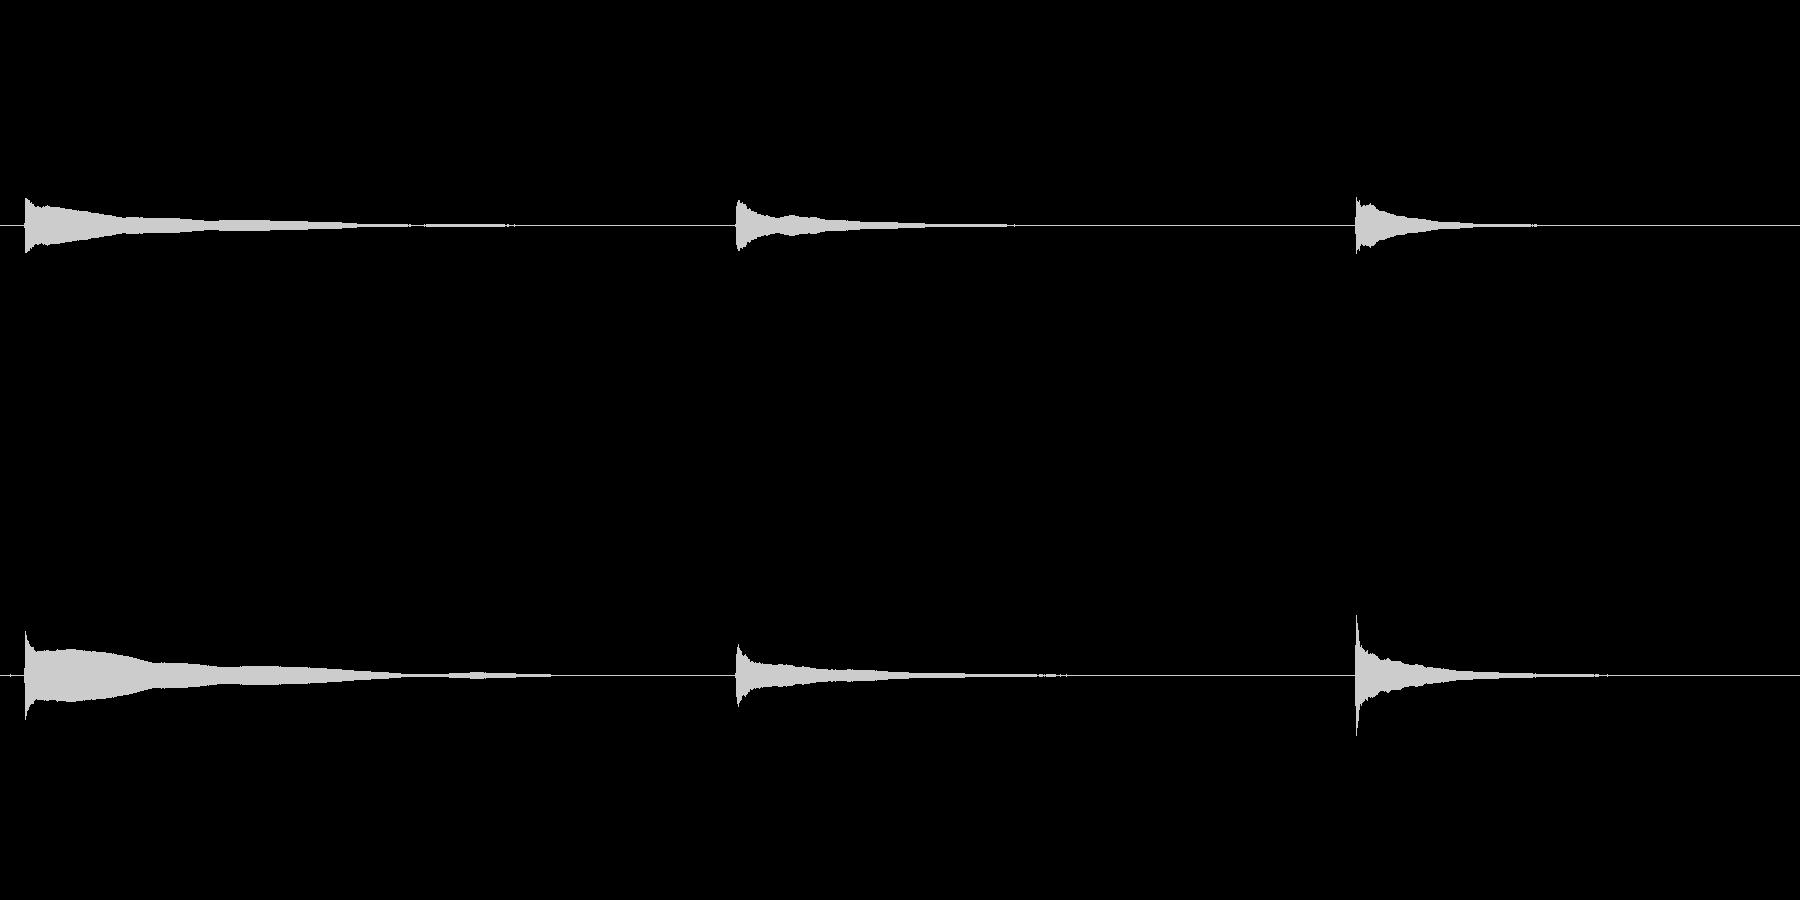 素材 ウエスタンギターシングルノー...の未再生の波形